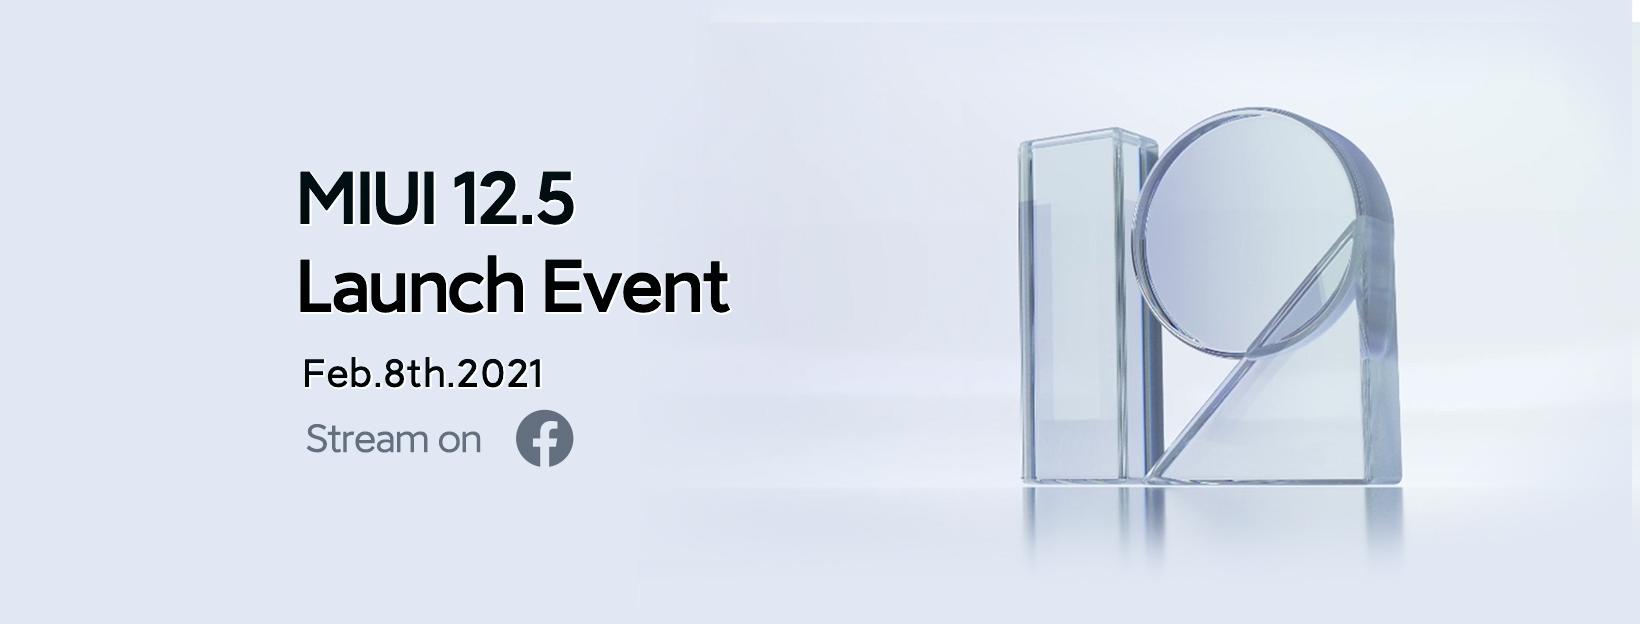 data di lancio MIUI 12.5 global